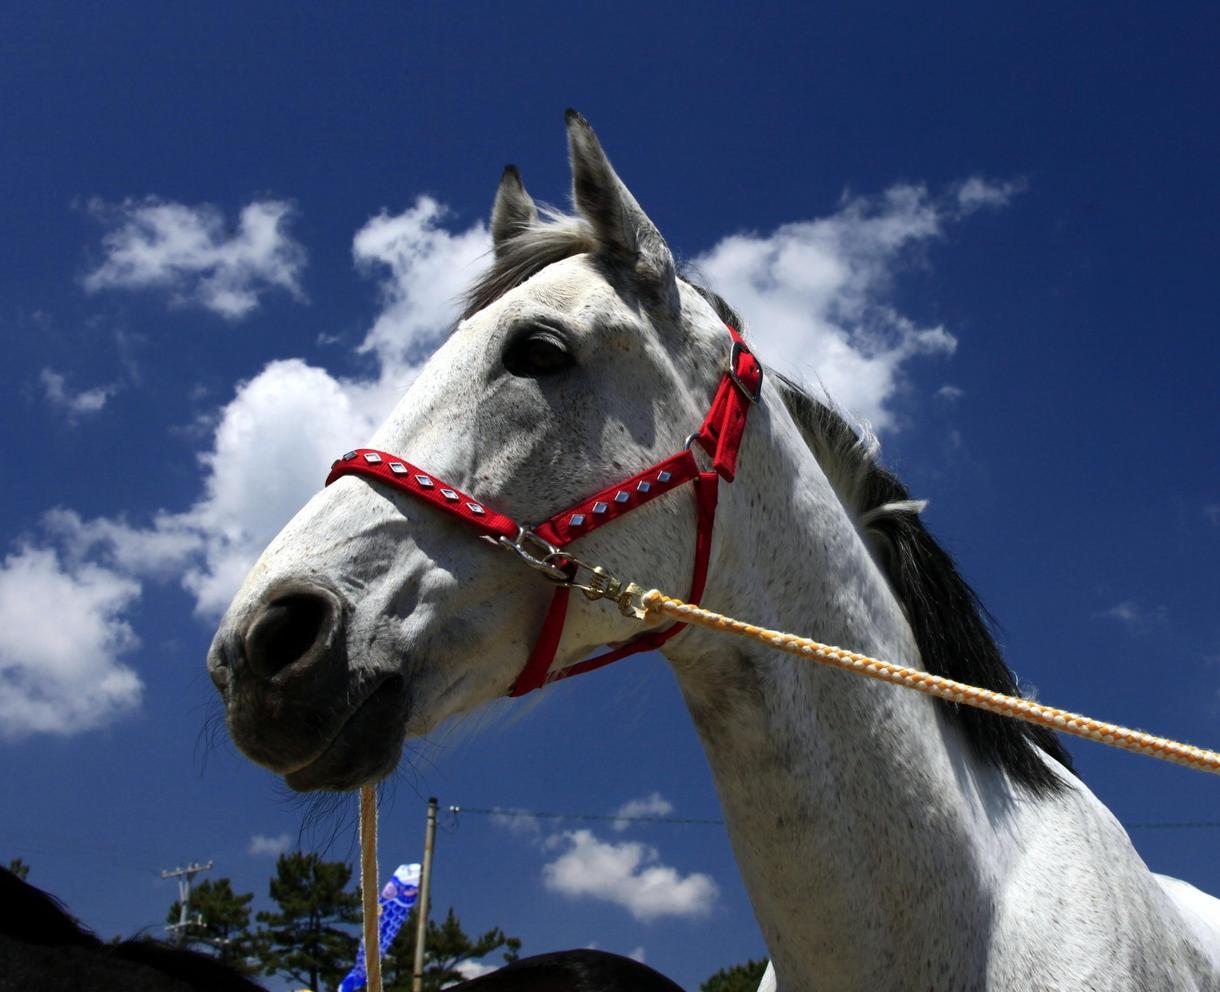 川崎競馬の攻略法教えますます オッズと馬番を確認するだけで買うべき馬券が見つかる